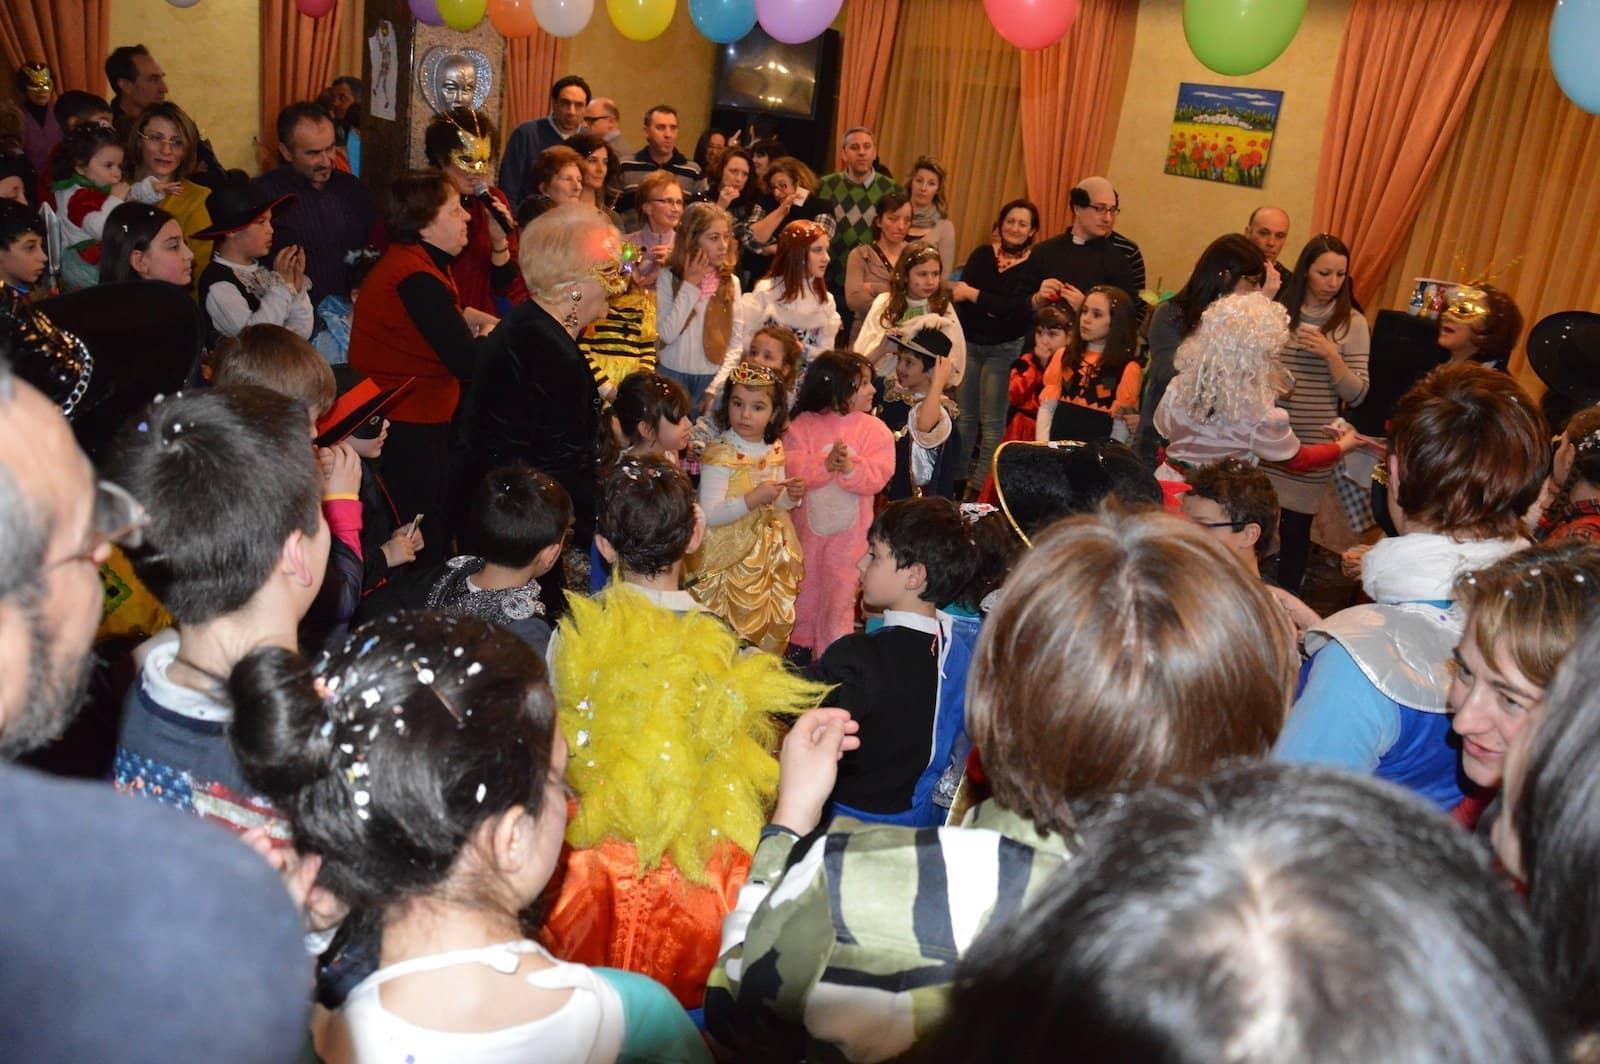 Festa di carnevale con tantissimi bambini